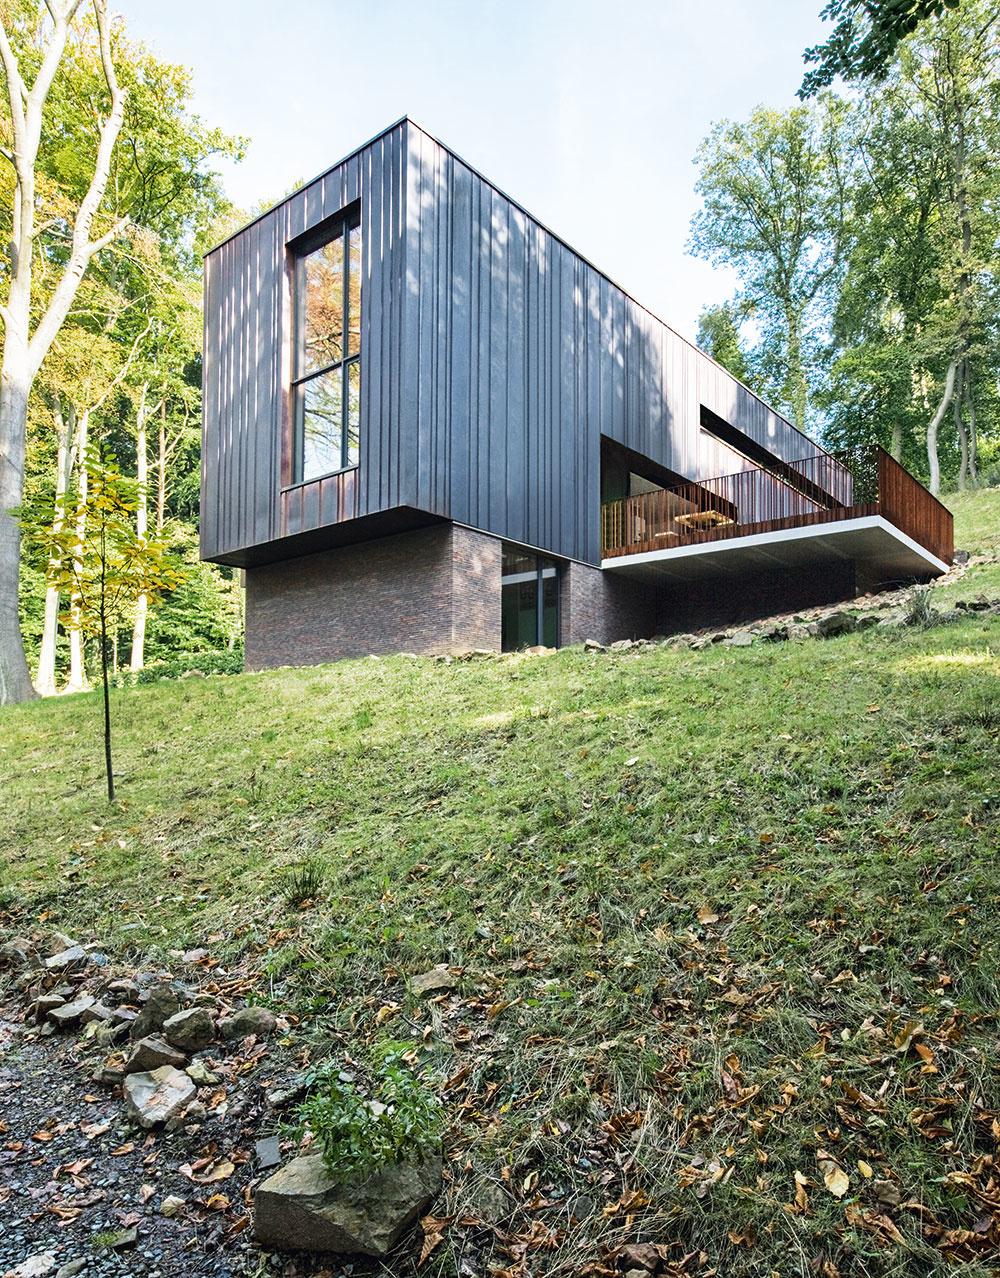 Tehla a meď. Tehlová podnož a medená fasáda s matnou hnedou patinou pôsobia teplým dojmom a ladia s pokojnou farebnosťou okolitého lesa. Tento súzvuk podporujú aj rôzne široké fasádne panely, ktoré vyvárajú prirodzenú nepravidelnú vertikálnu štruktúru podobne ako kmene stromov. (Fasádne konštrukcie zabezpečila rodinná firma J. Gaspard Menuiserie Aluminium, www.gaspard.be.)